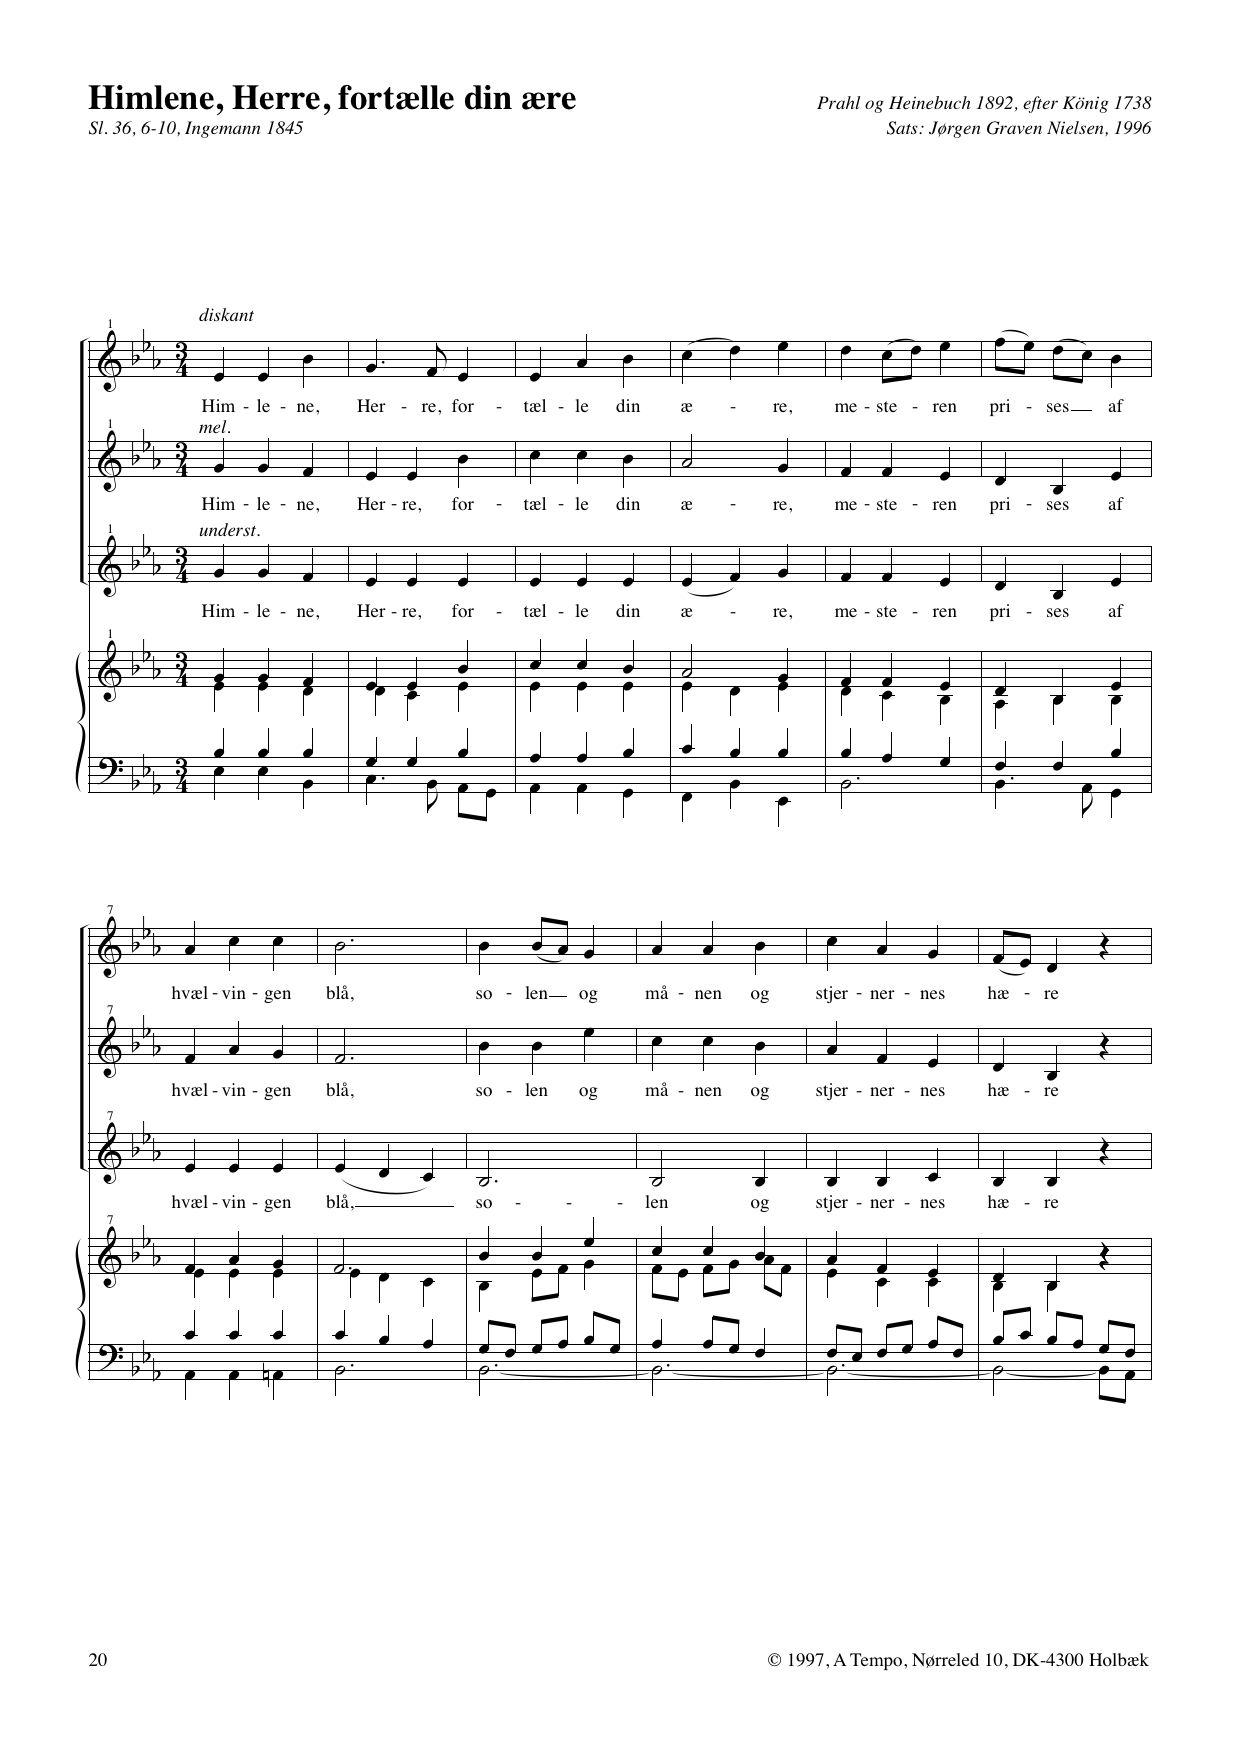 Himlene-Herre_1